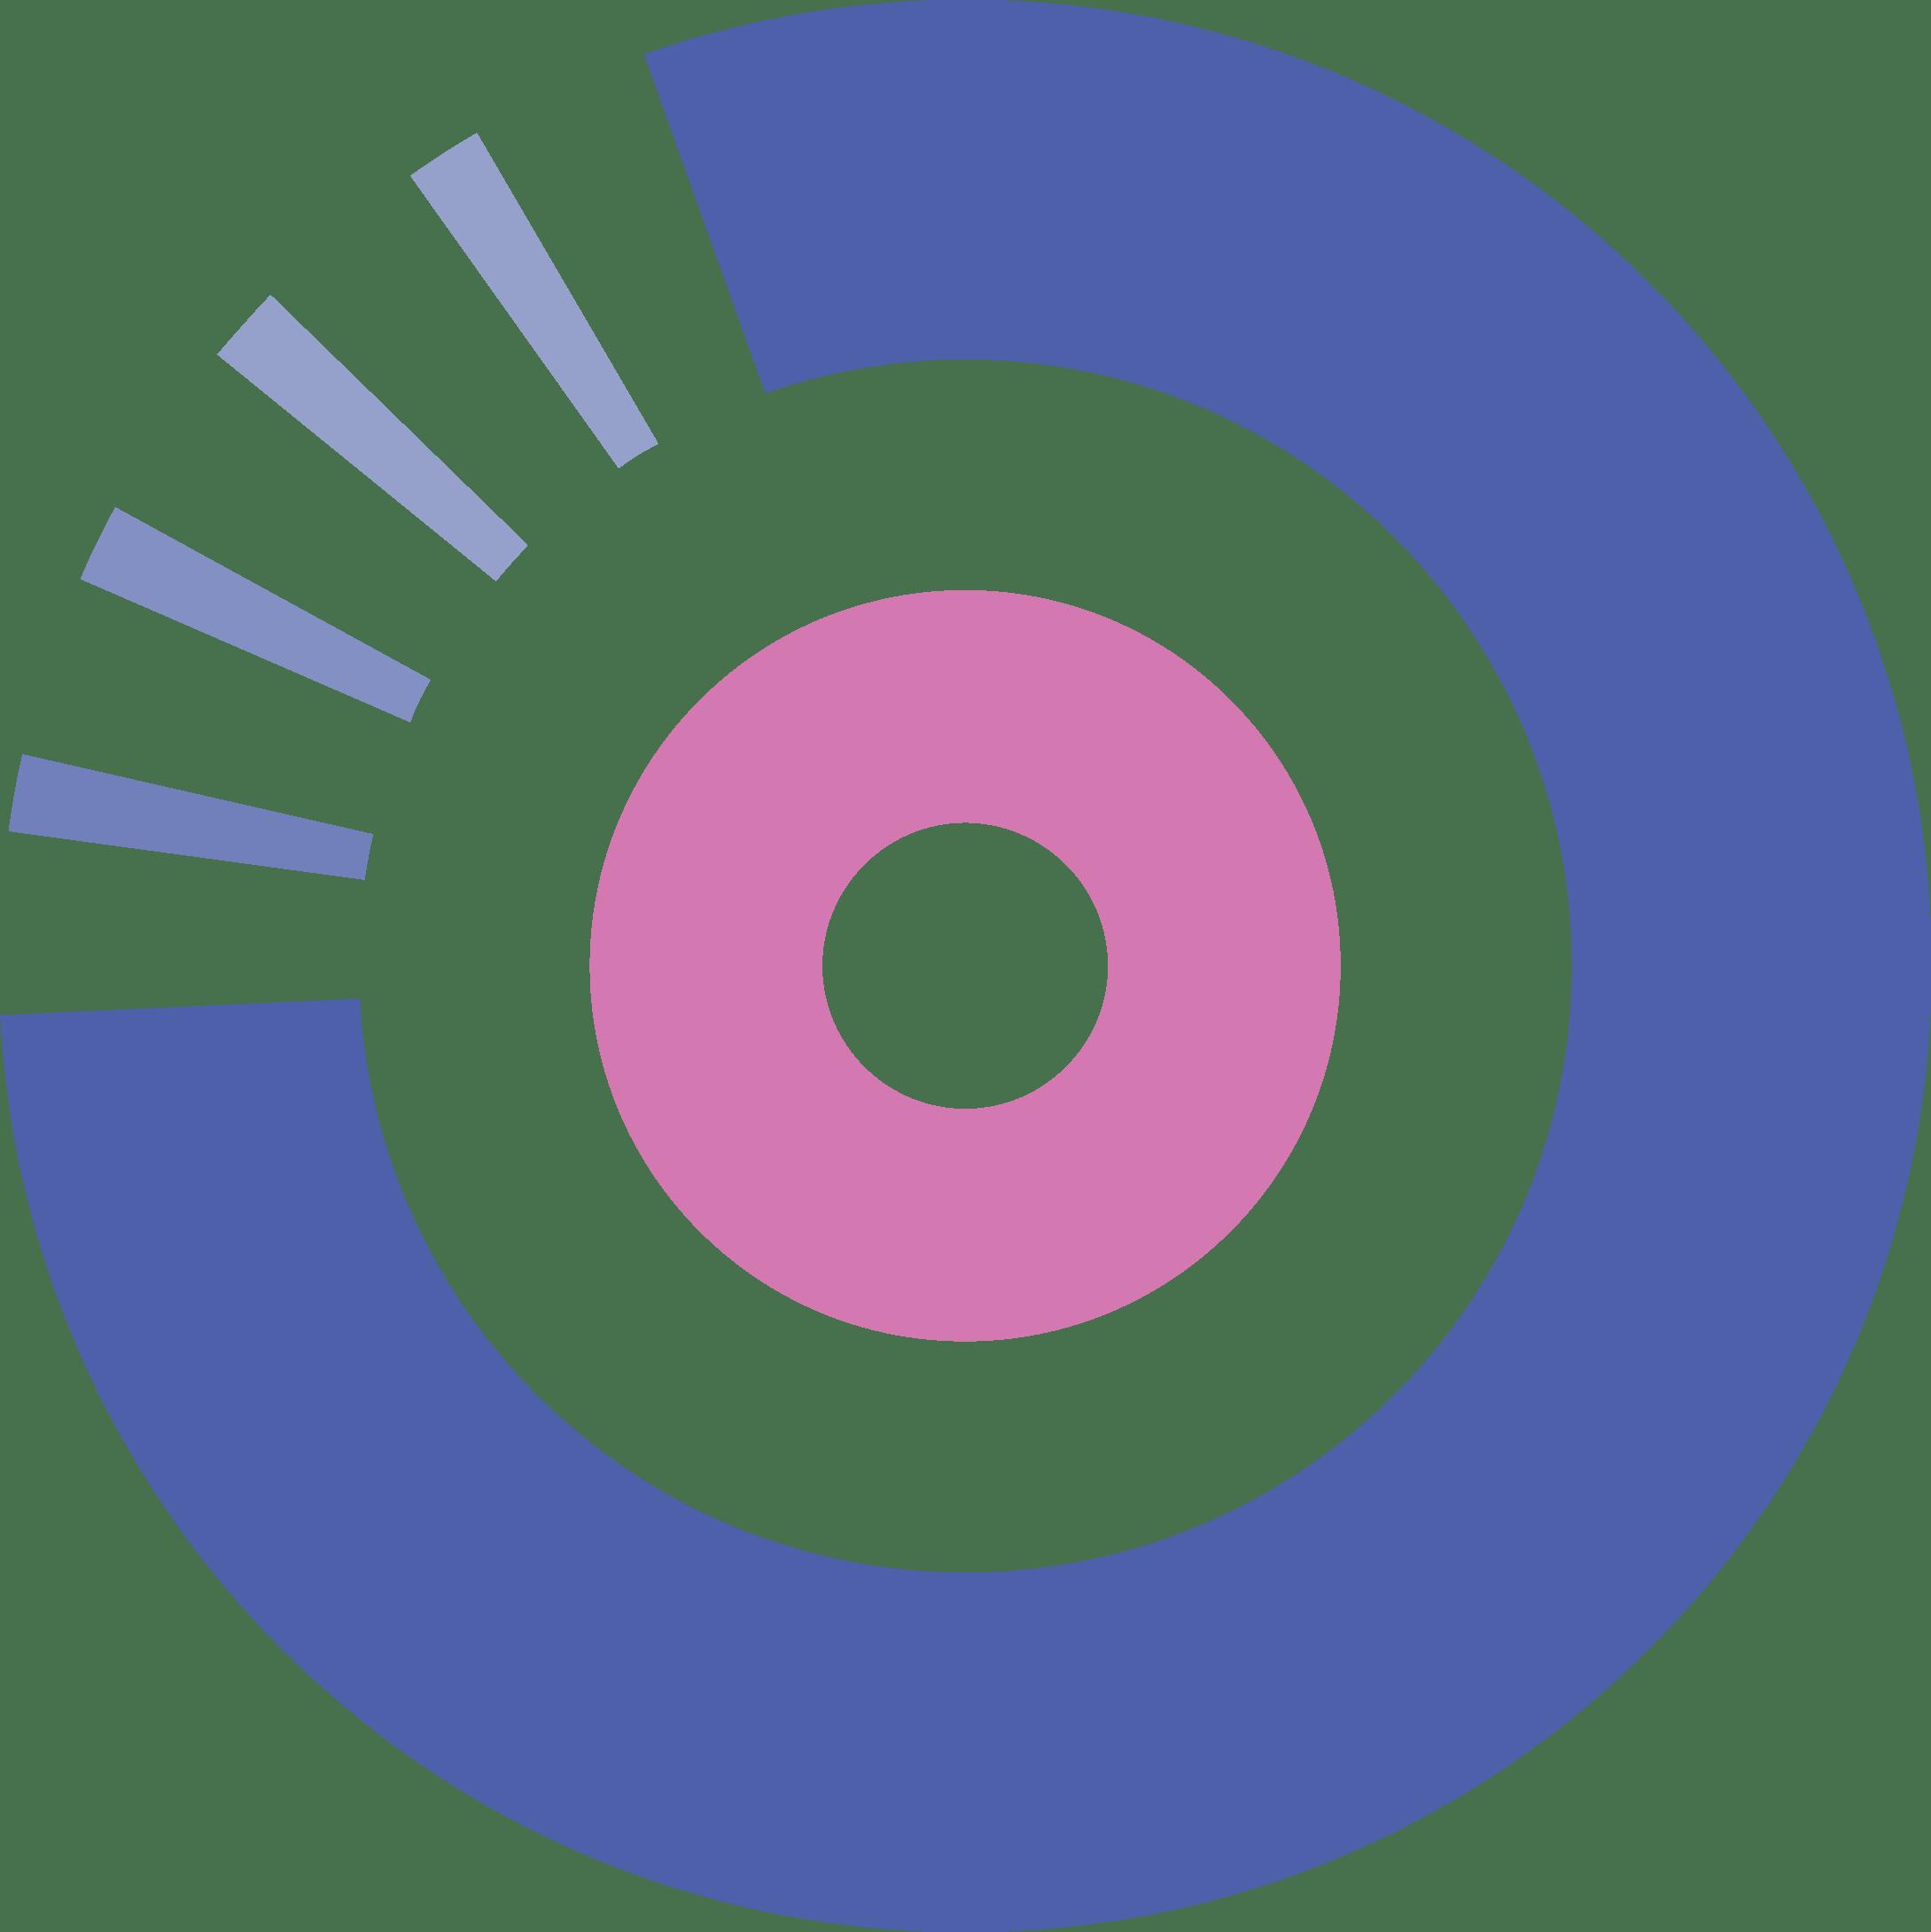 فاطمة الزهراء العماري